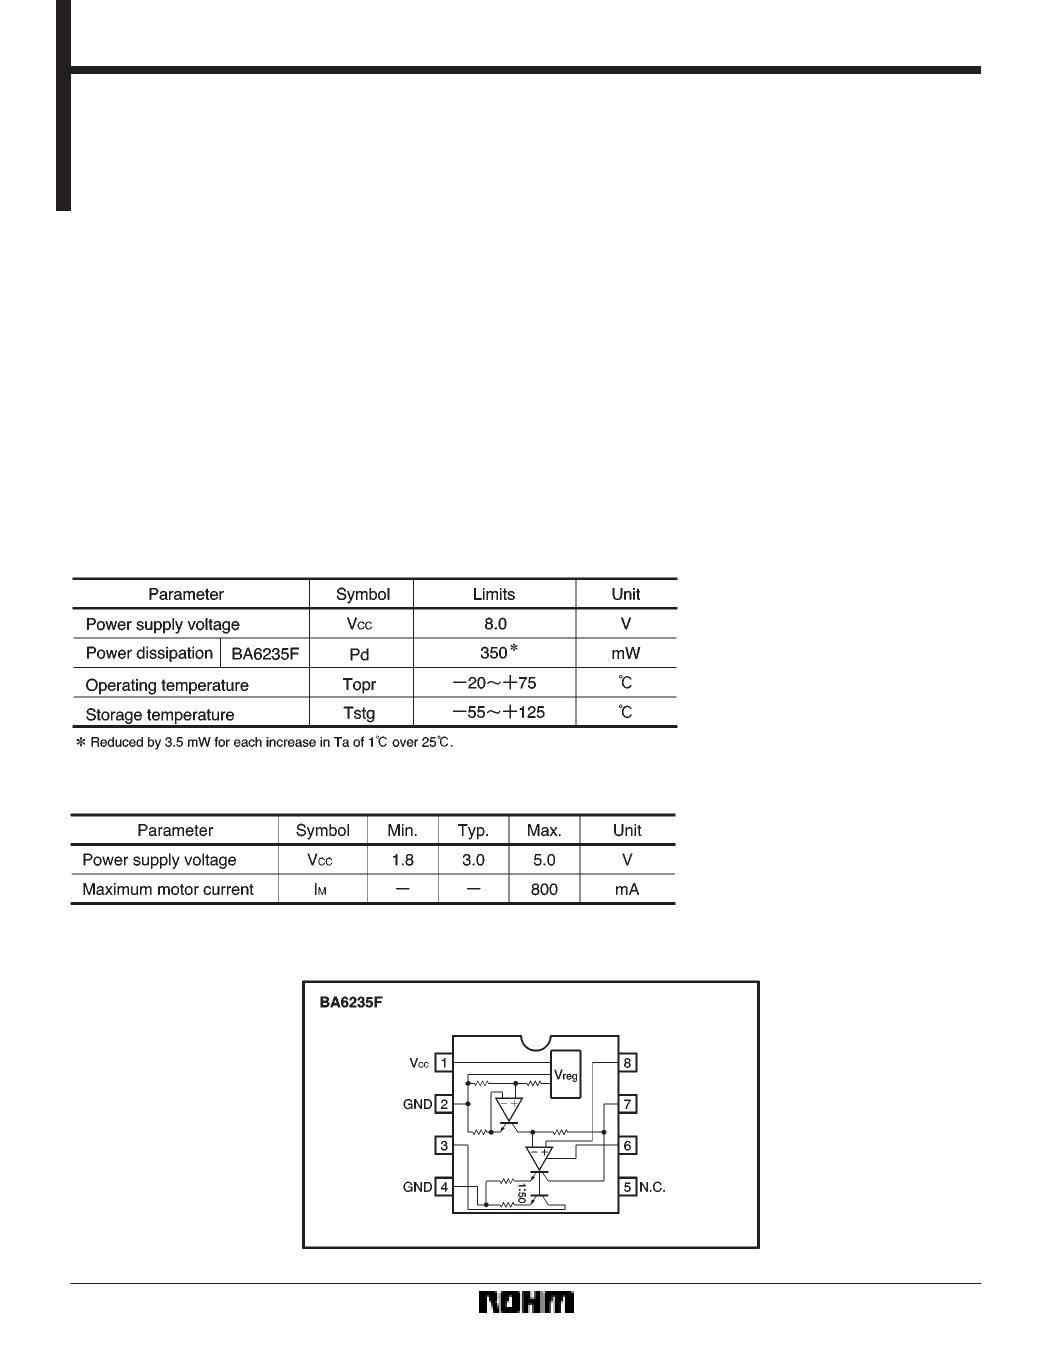 Ba6235 datasheet pdf pinout 3v electronic governor for 3v dc motor datasheet